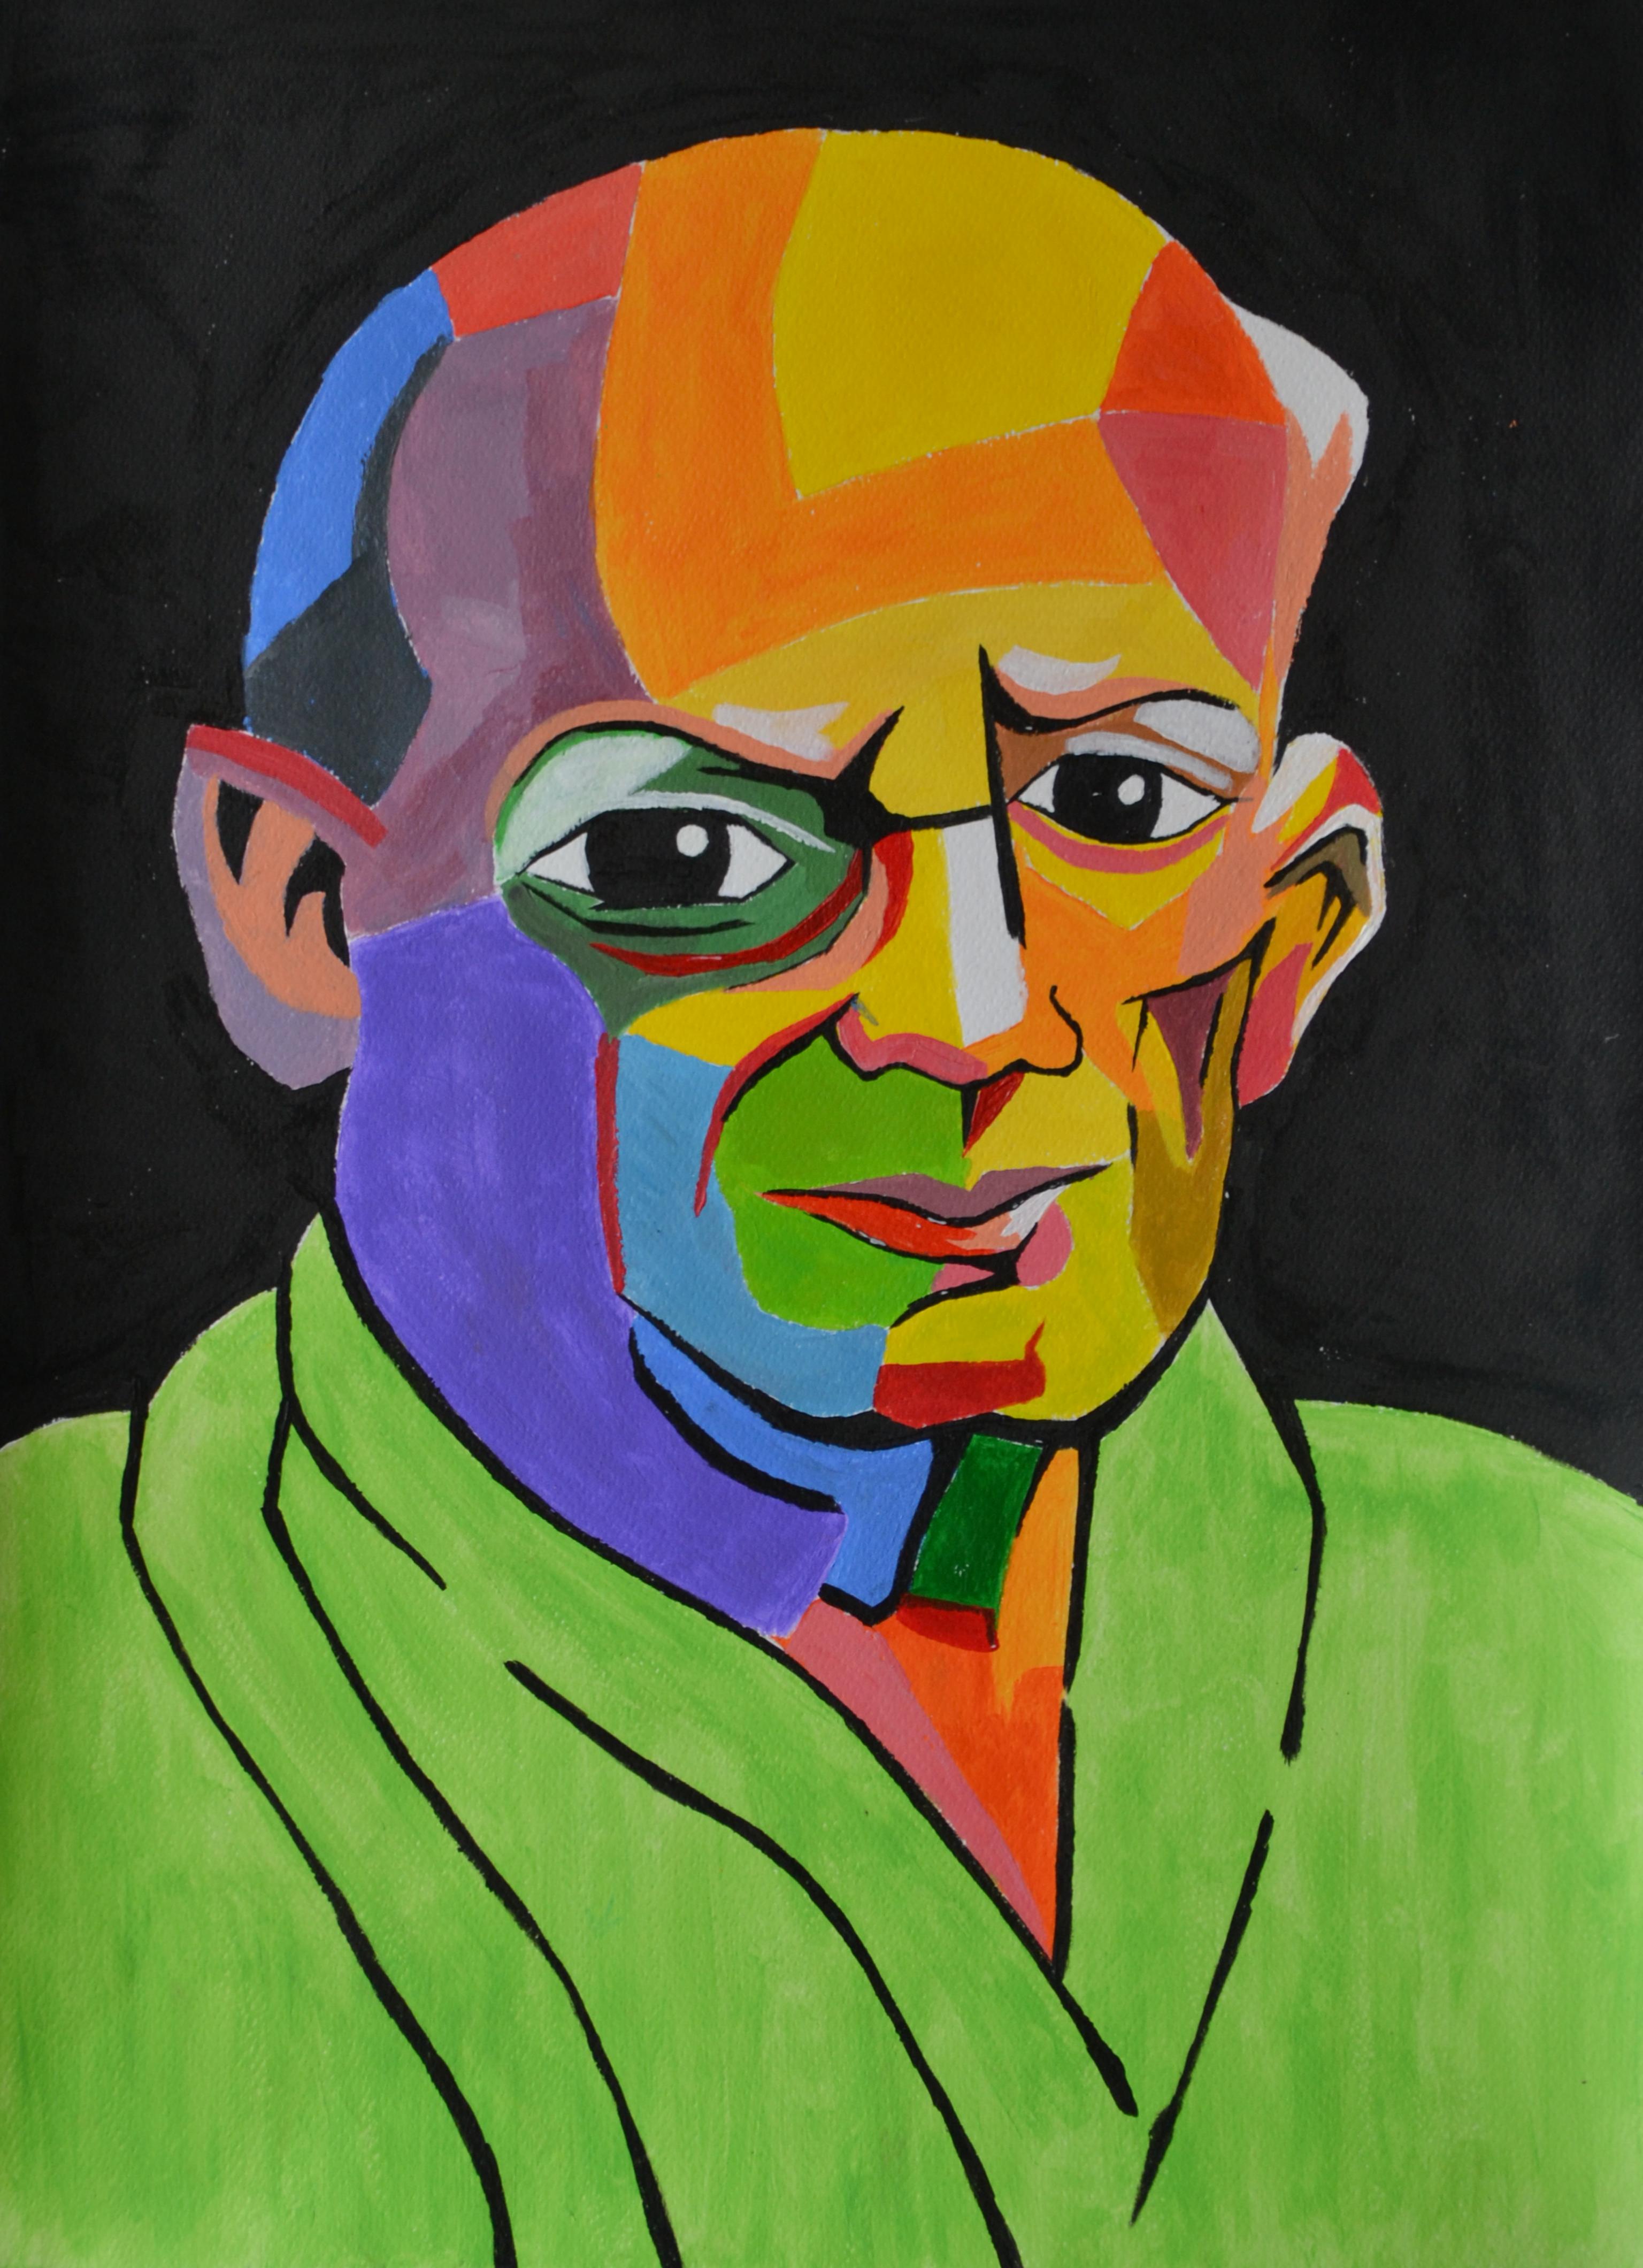 """Йордан Кечев, специалност """"Изобразително изкуство"""", Портрет на Пикасо, 2017  / Jordan Kechev, degree programme """"Fine Arts"""", Portrait of Picasso, 2017"""